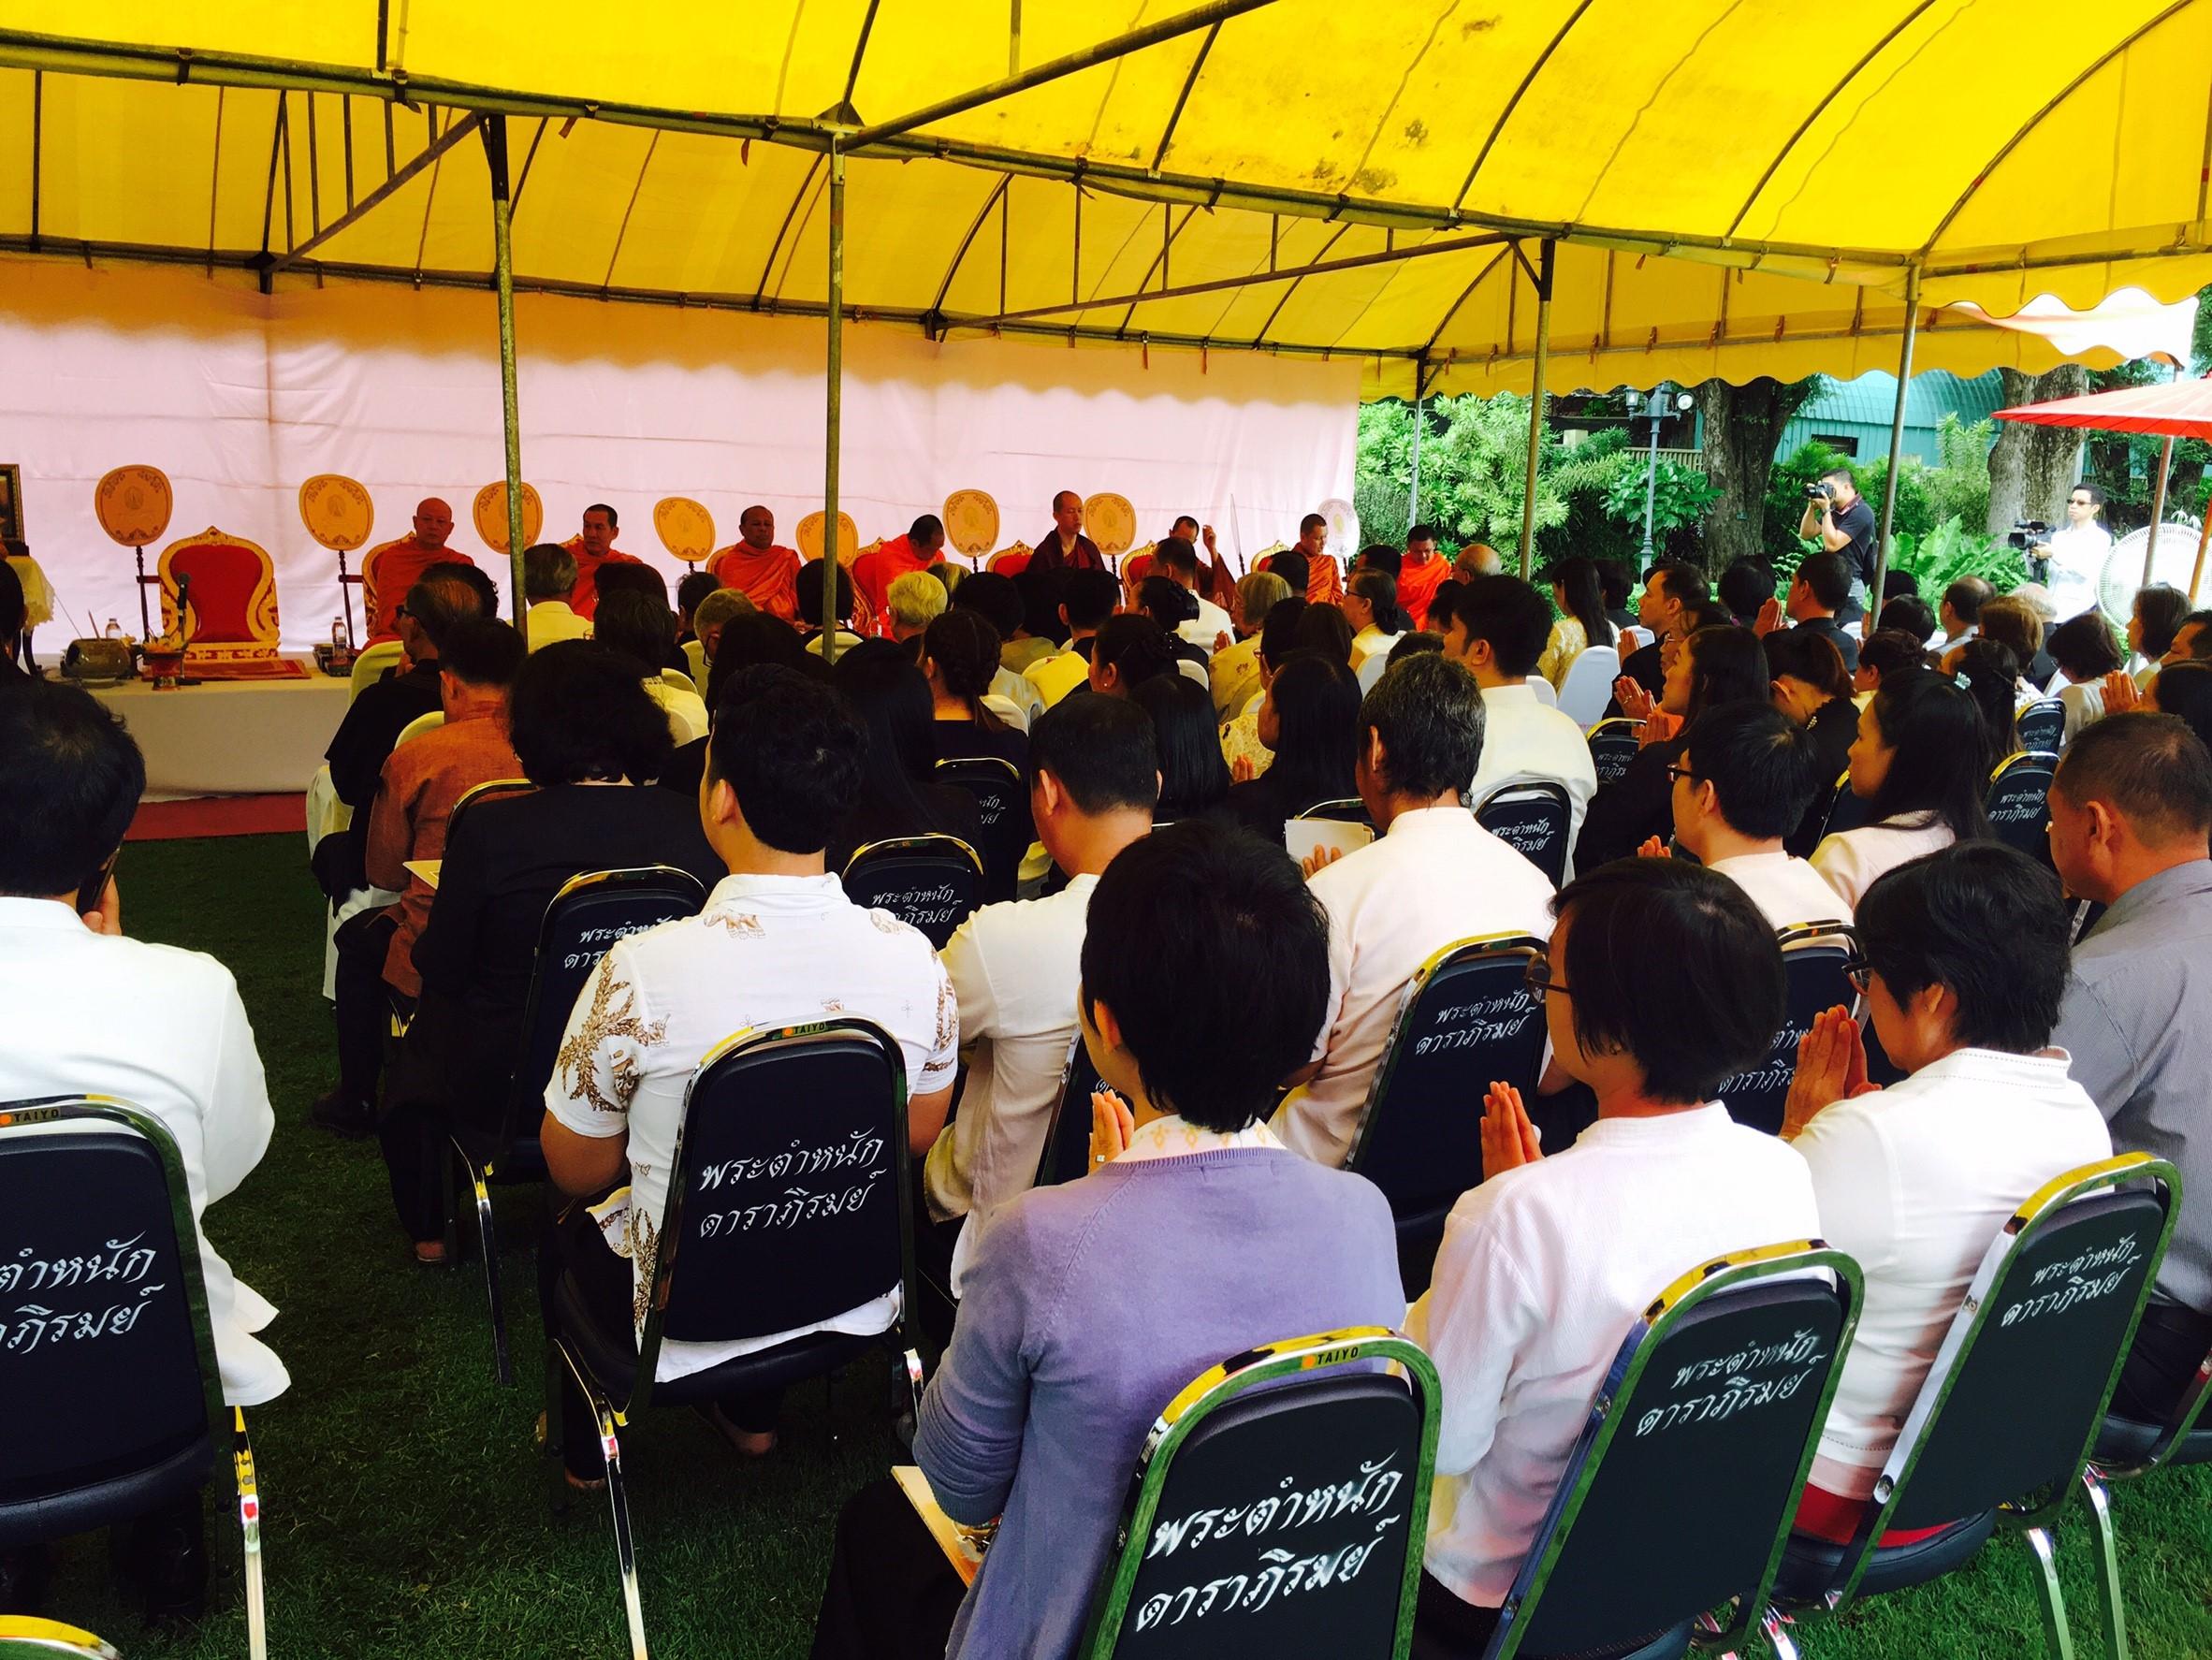 ร่วมงานวันคล้ายวันประสูติพระราชชายาเจ้าดารารัศมี และพิธีเปิดนิทรรศการ เรื่อง จงรักภักดี ในวันเสาร์ที่ 26 สิงหาคม 2560